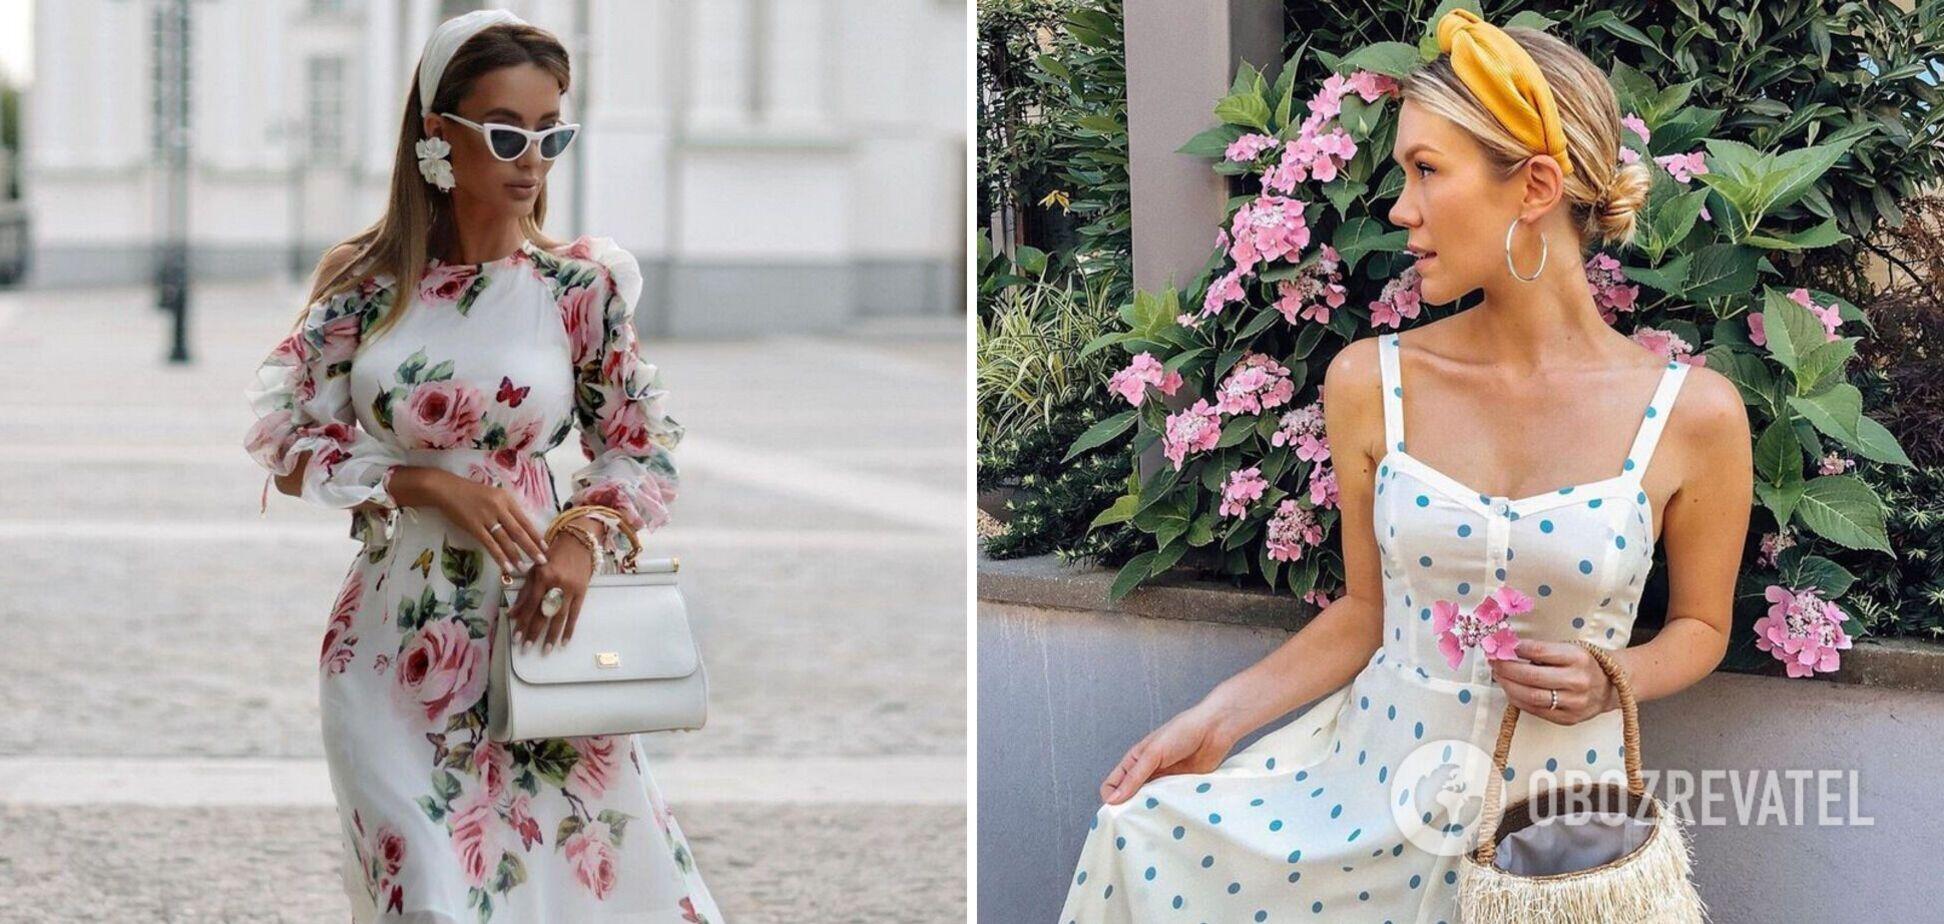 Стилист назвала платья, которые никогда не выйдут из моды. Фото